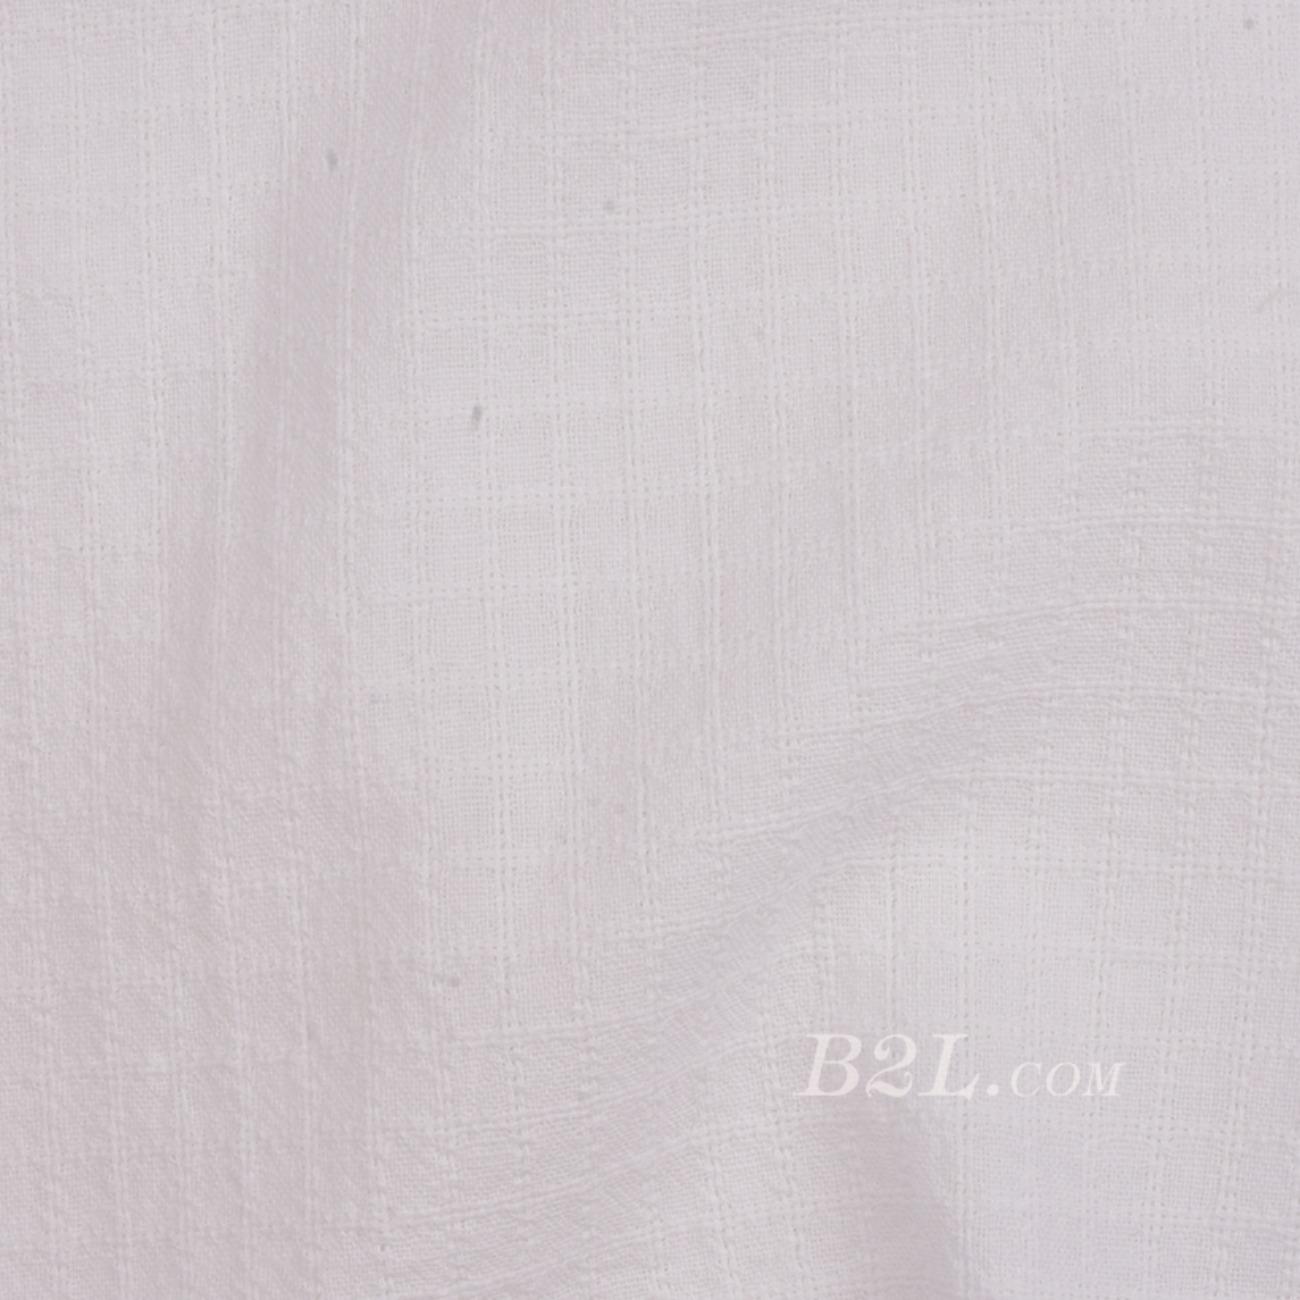 棉麻 梭织 格子 全棉 染色 棉感 低弹 春秋 连衣裙 短裙 80912-15